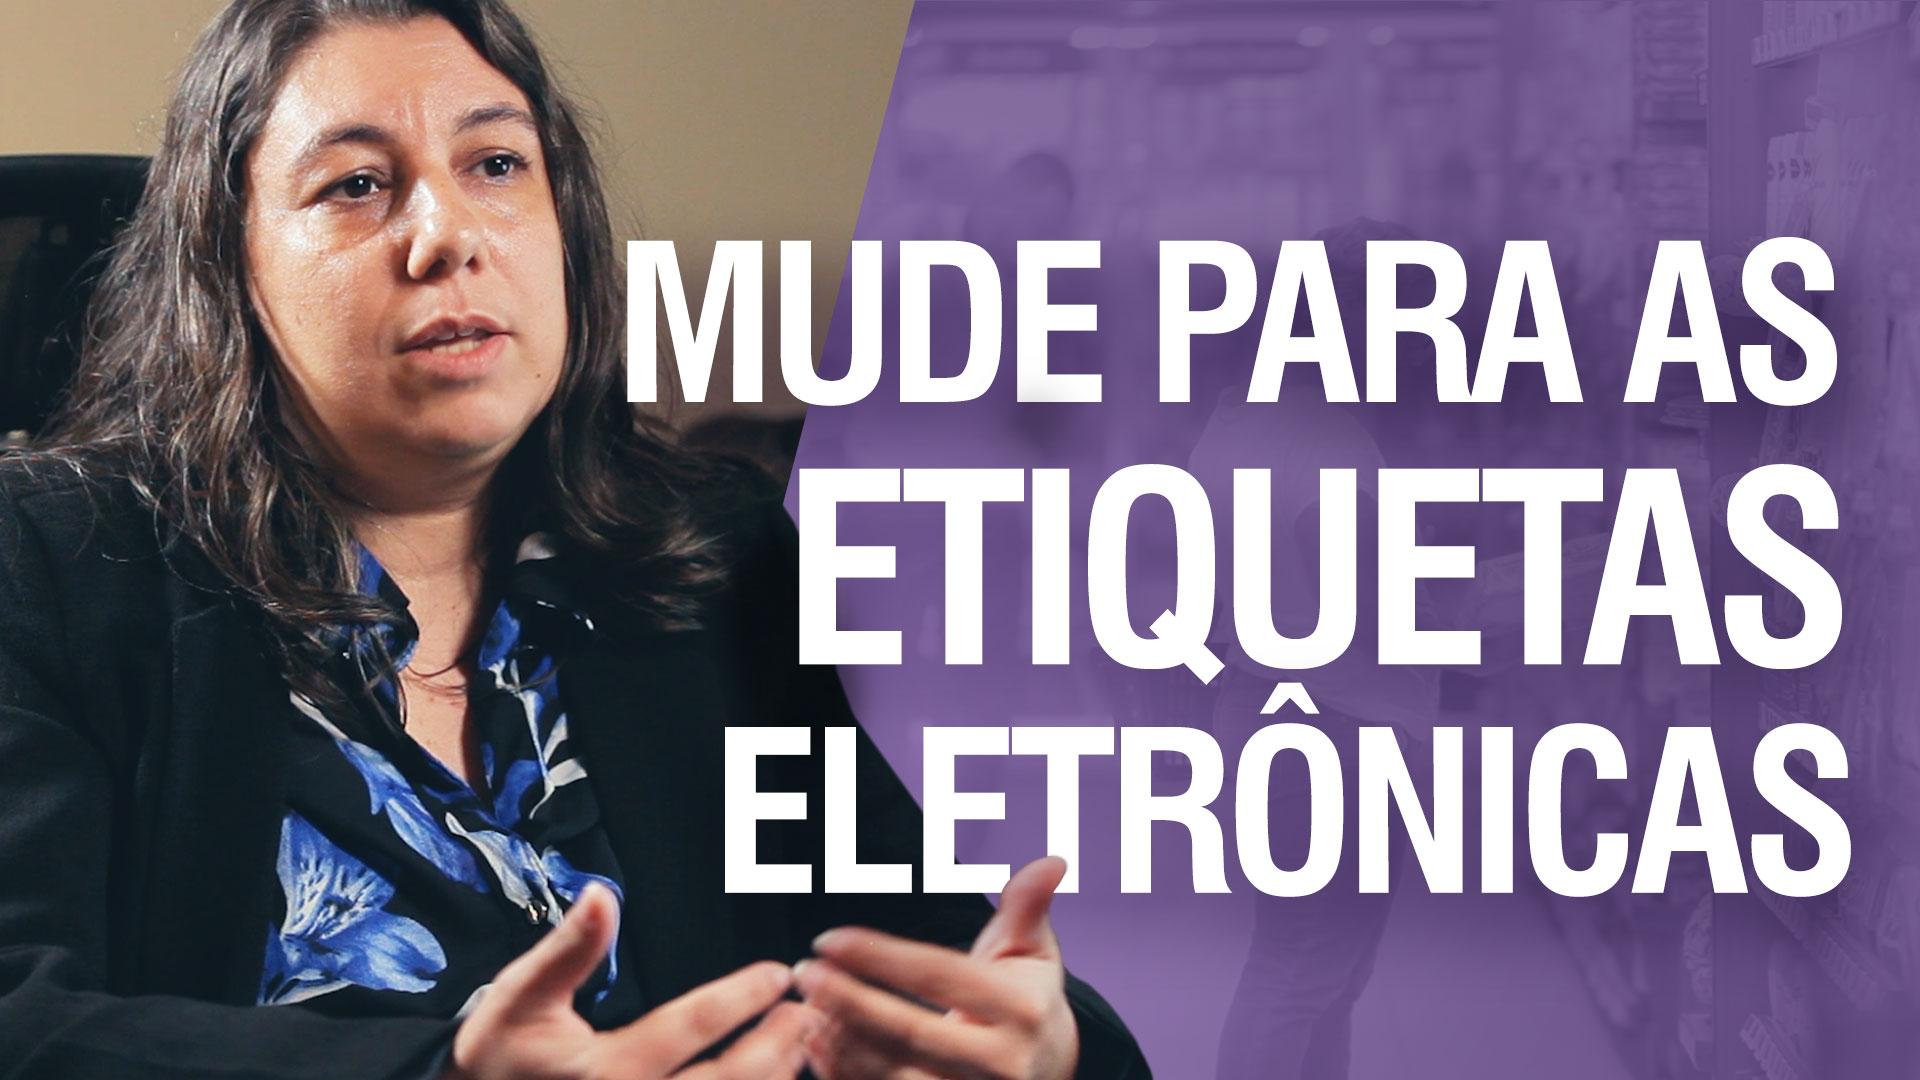 Mude para as Etiquetas Eletrônicas Prix